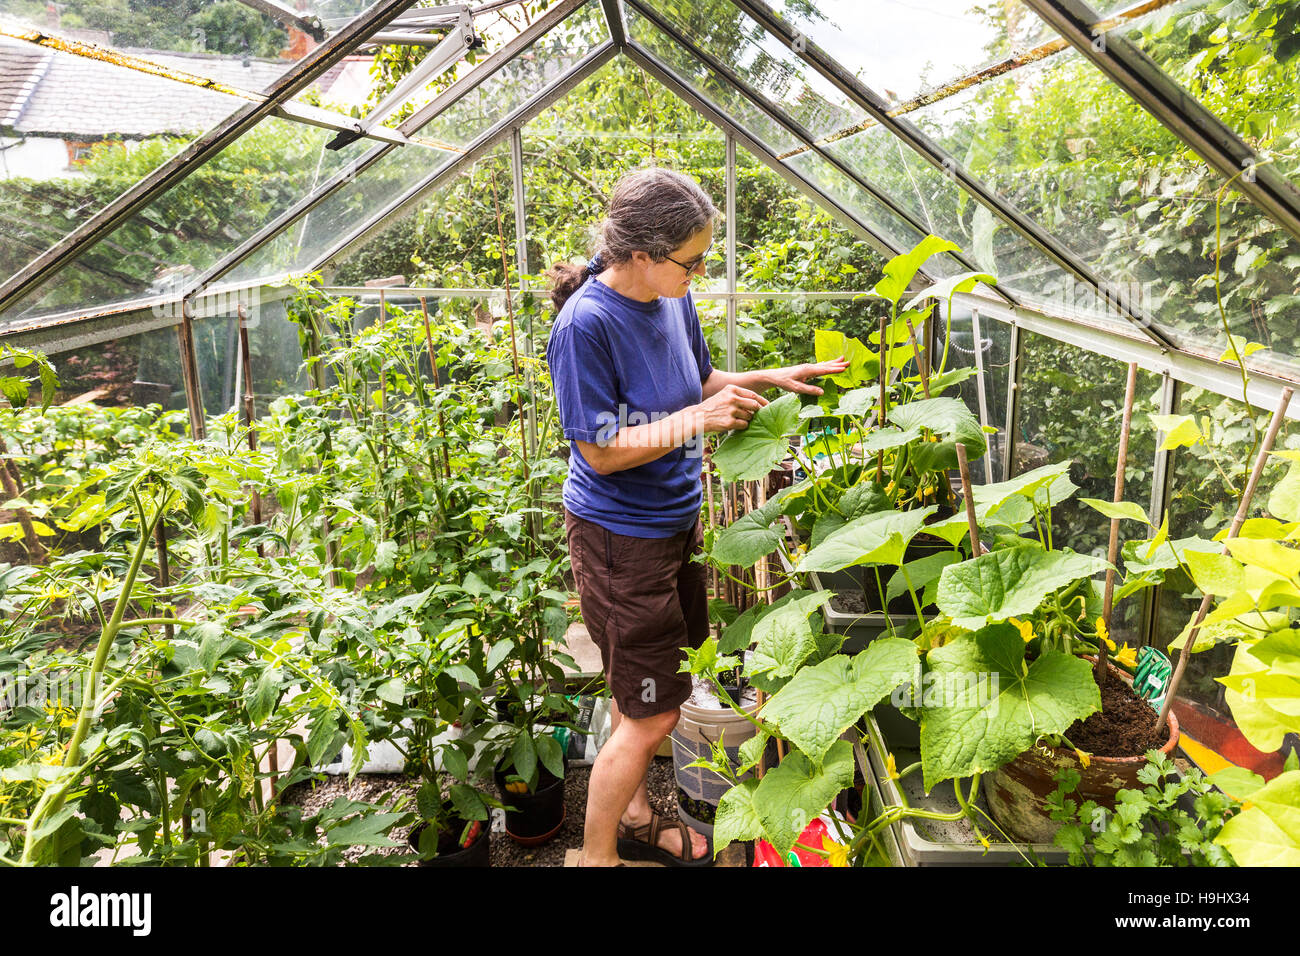 Frau Tendenziell Gurken Und Tomaten Pflanzen Im Gewachshaus Wales